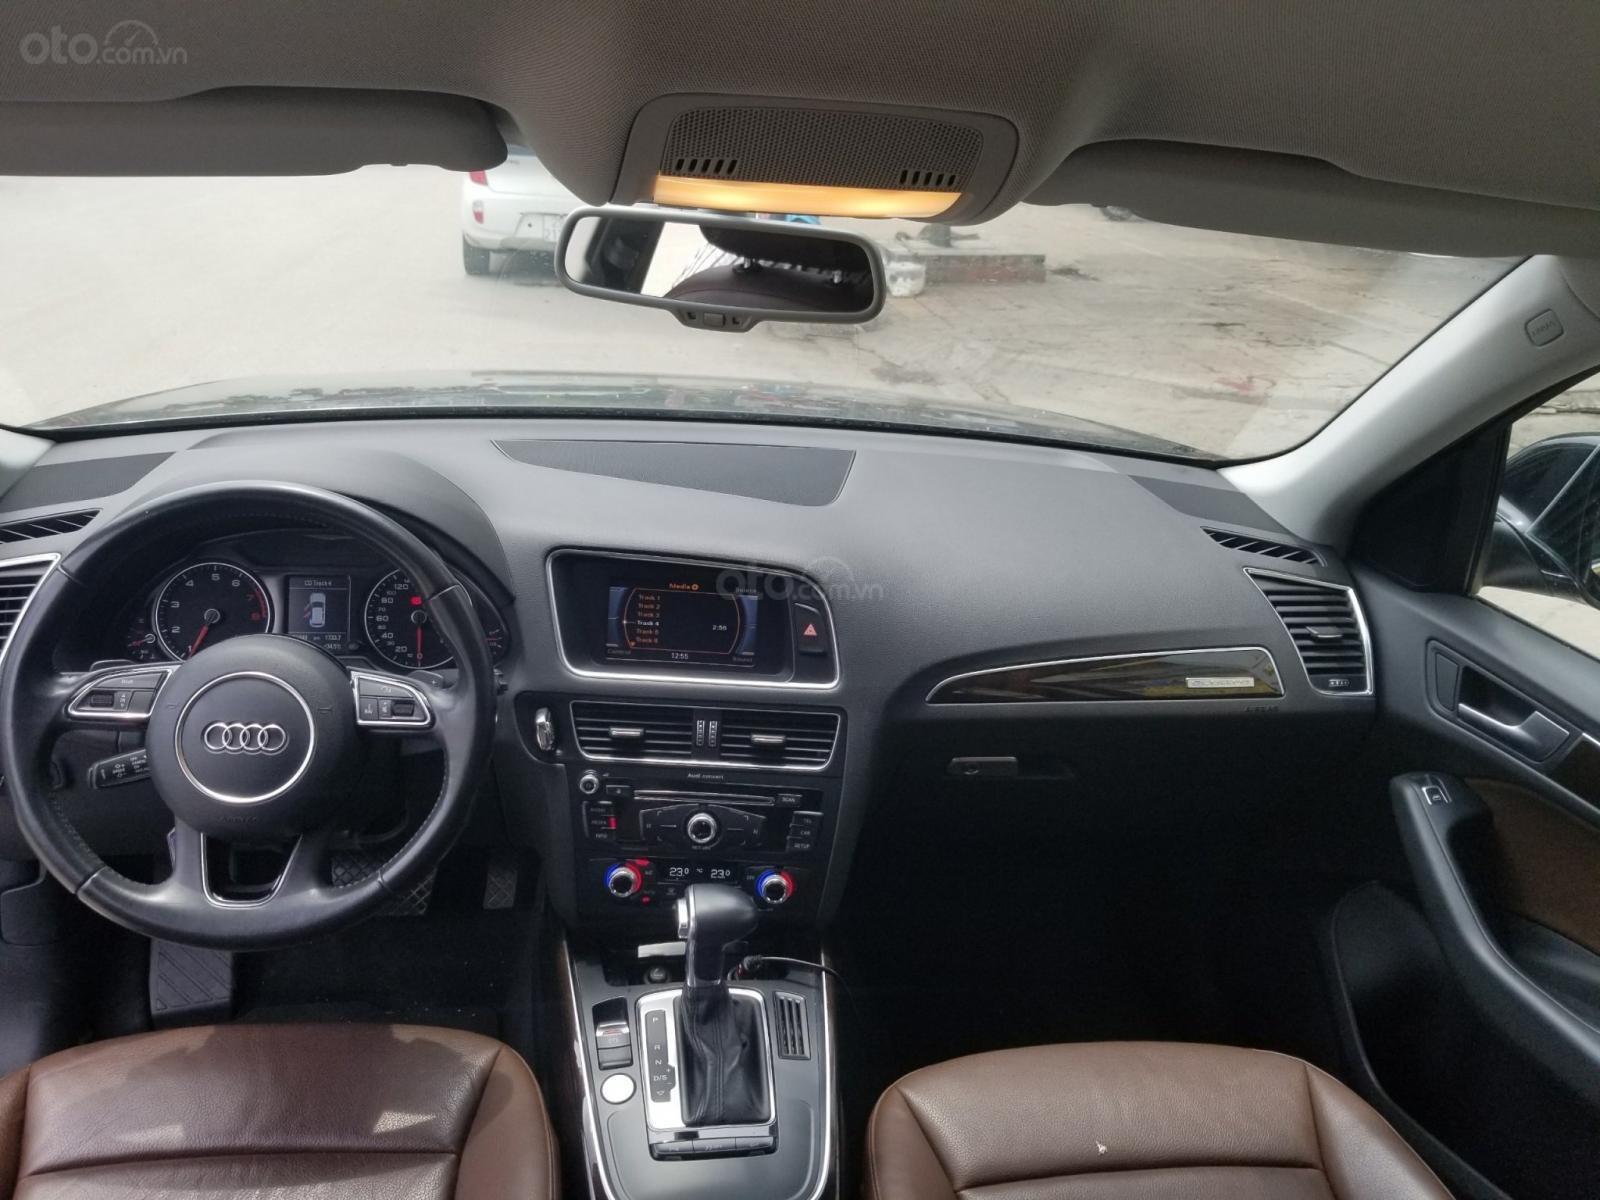 Bán Audi Q5 SX 2014, màu đen, một chủ sử dụng (3)